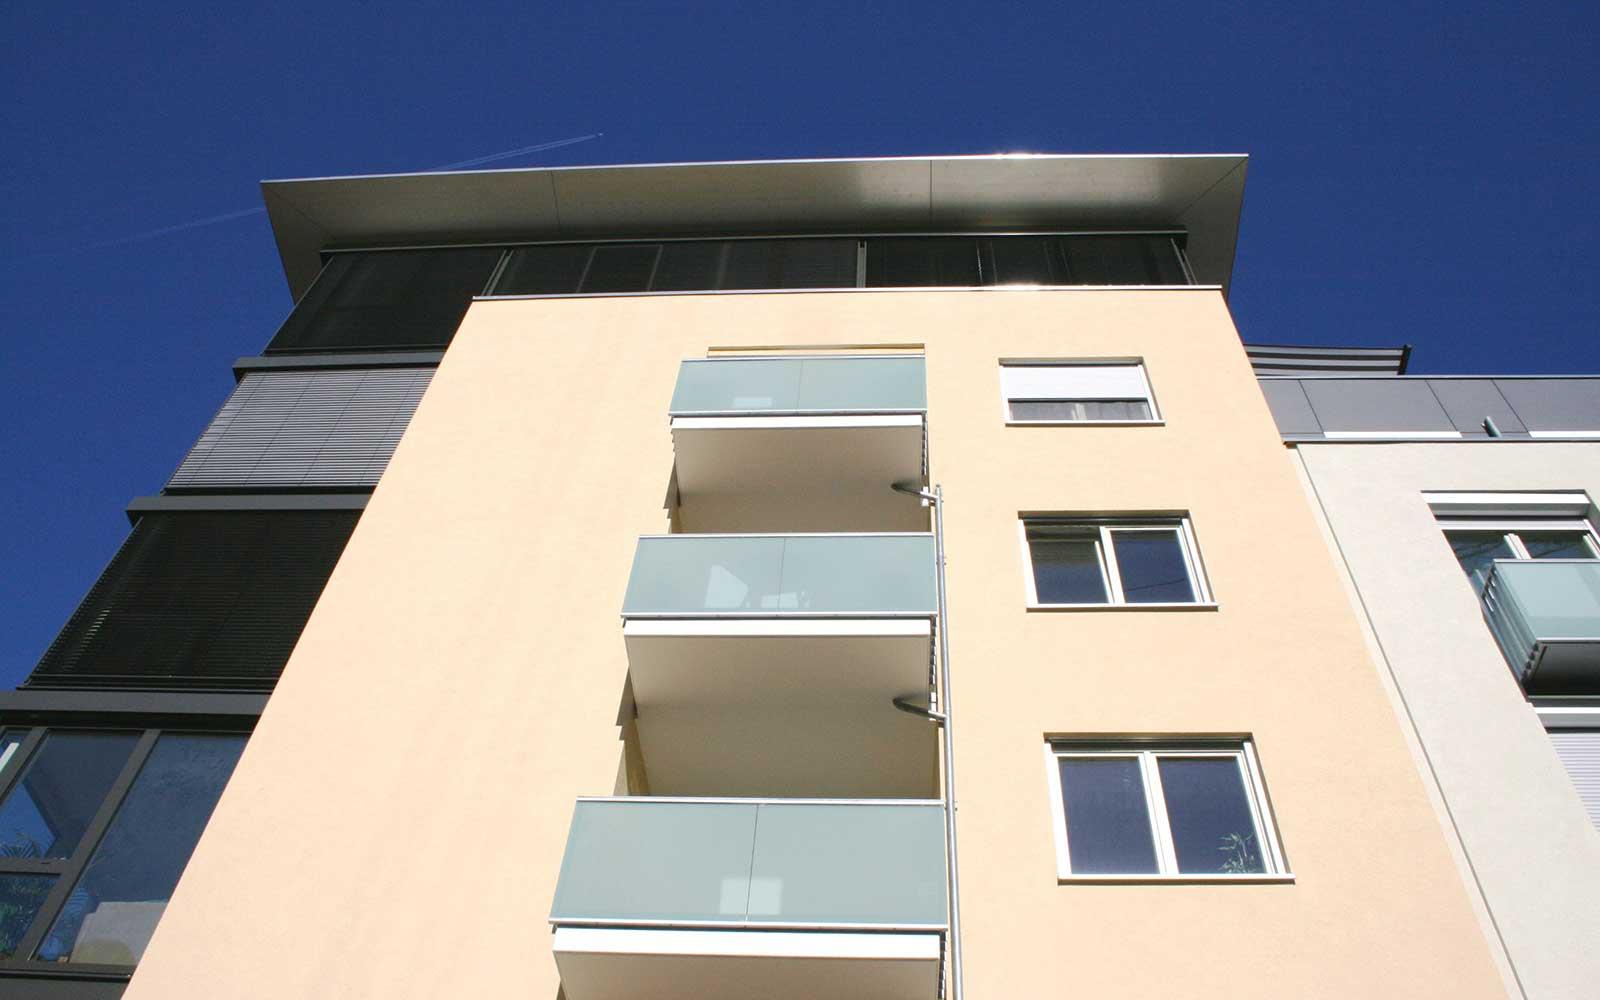 mehrfamilienhaus neuenheim kochhan weckbach architekten heidelberg. Black Bedroom Furniture Sets. Home Design Ideas